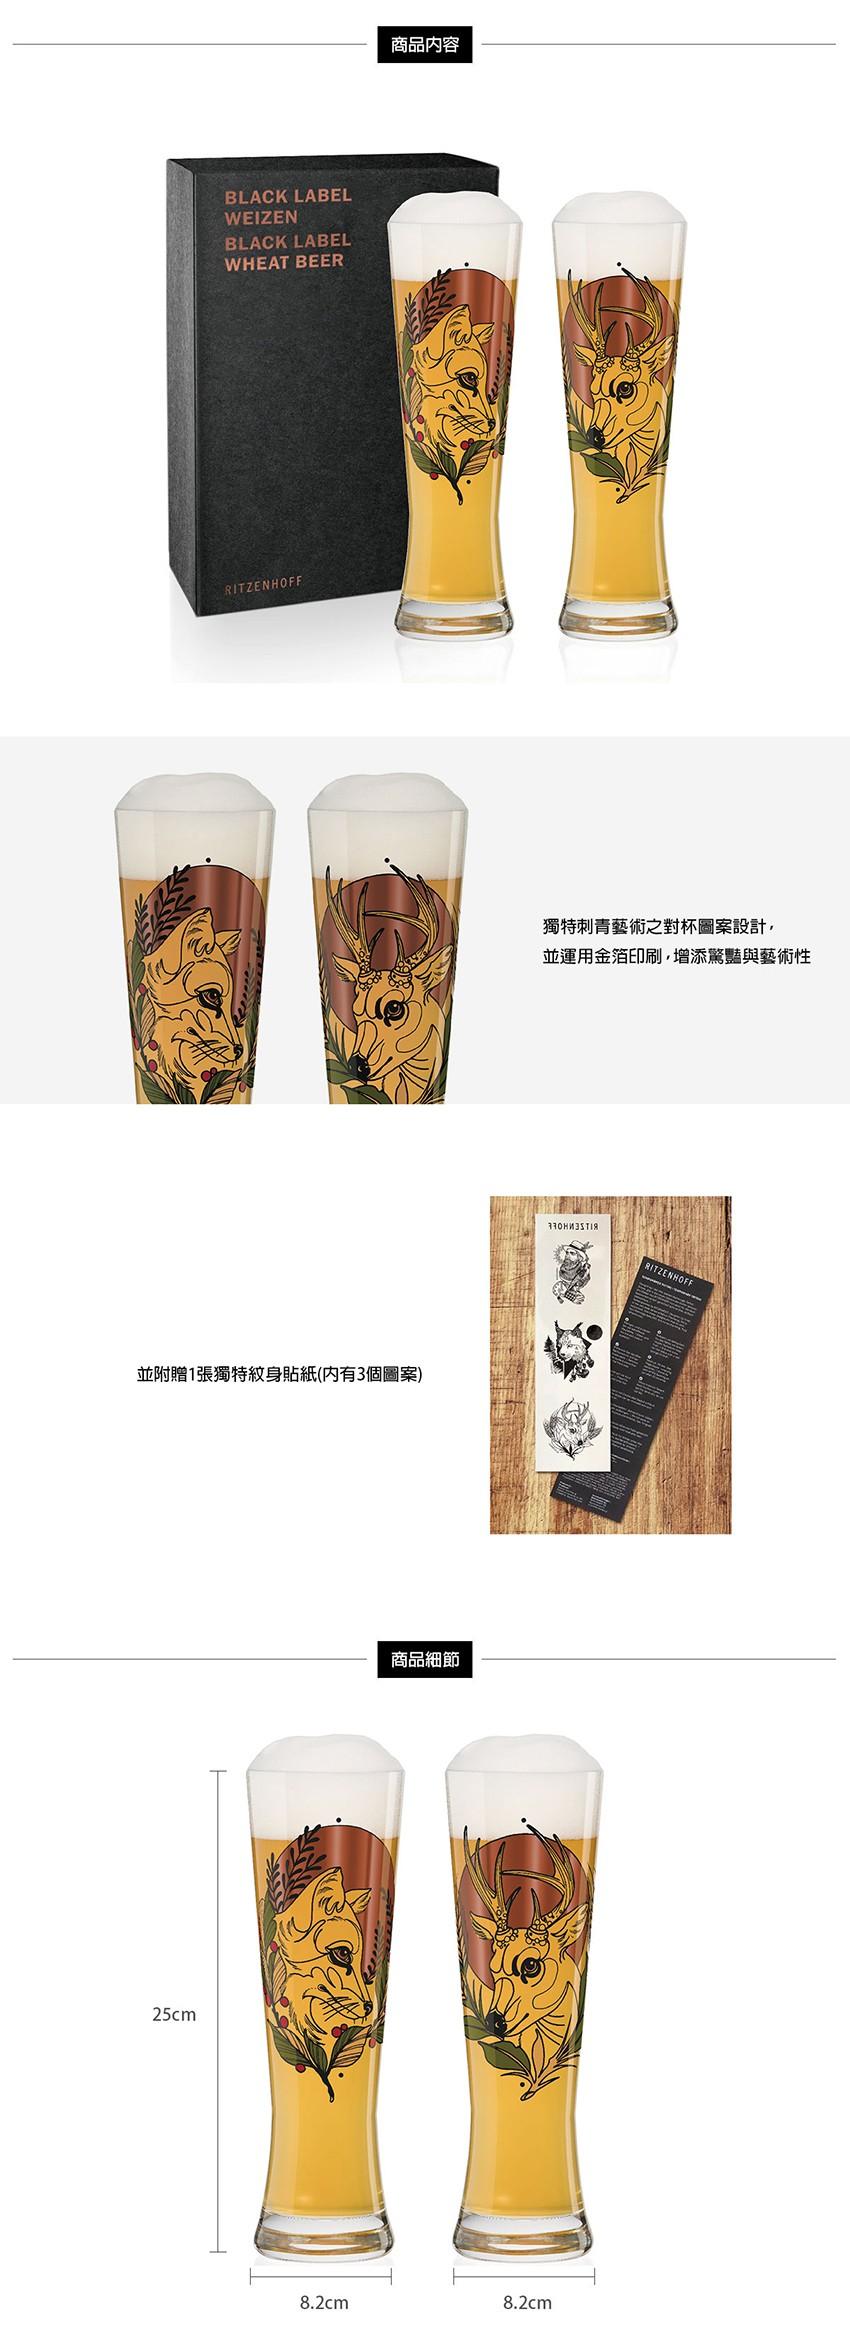 德國 RITZENHOFF 黑標小麥啤酒對杯-狐狸與雄鹿 1